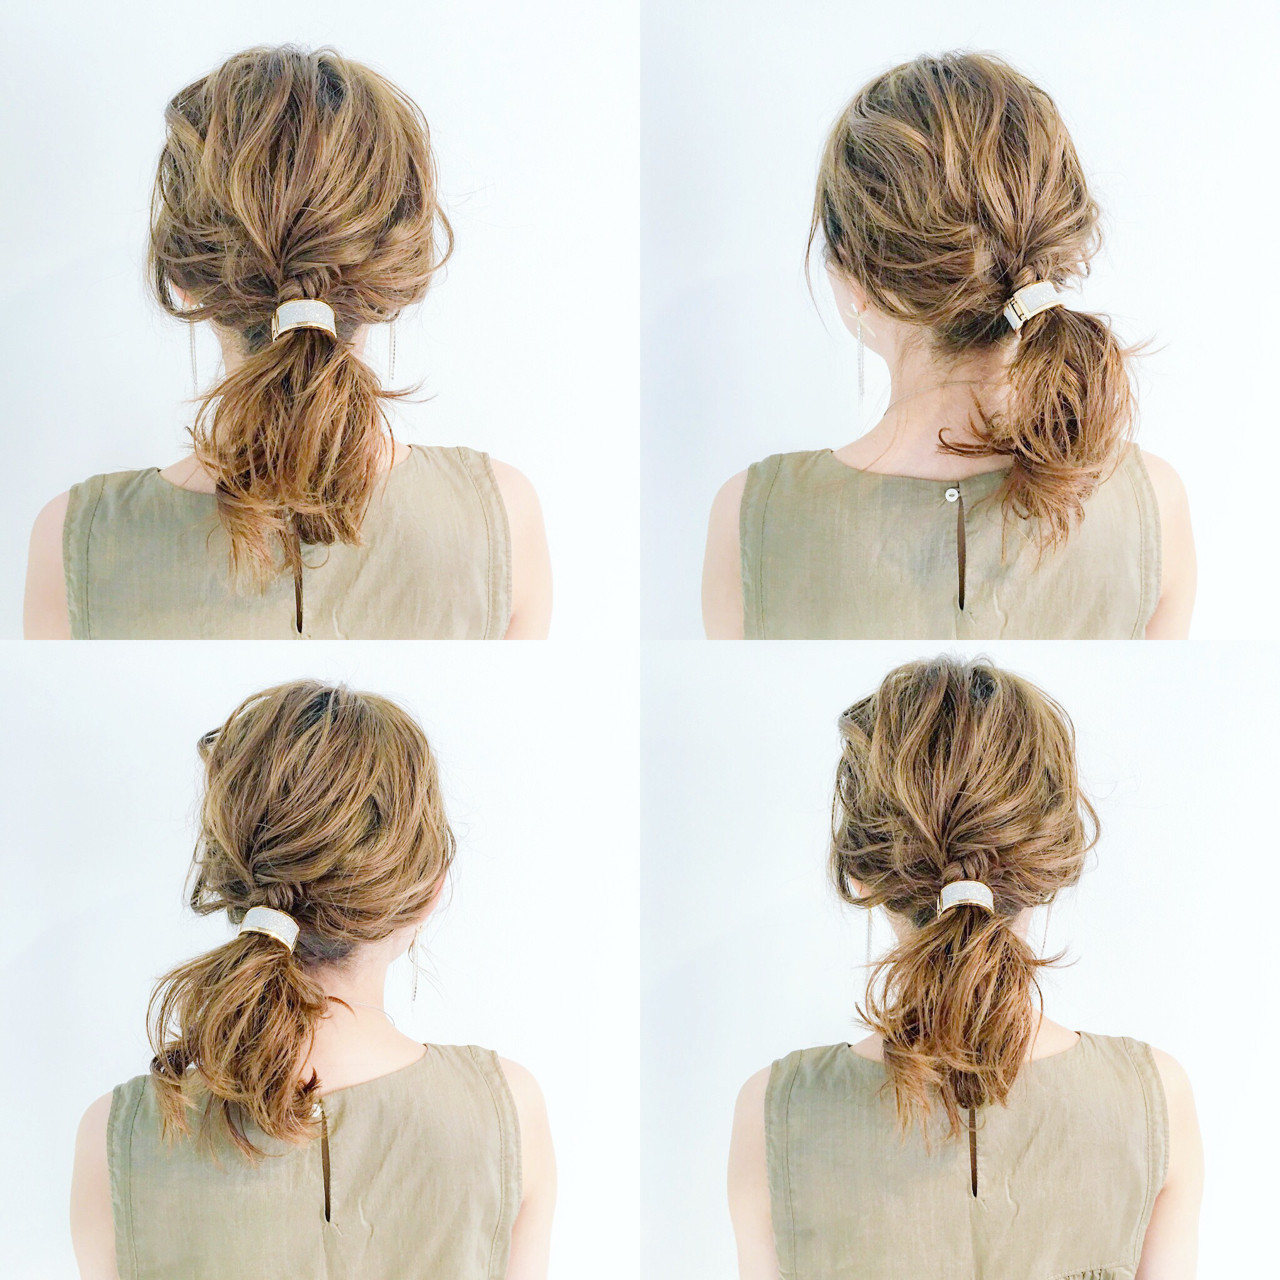 フェミニン ヘアアクセ セミロング オフィス ヘアスタイルや髪型の写真・画像